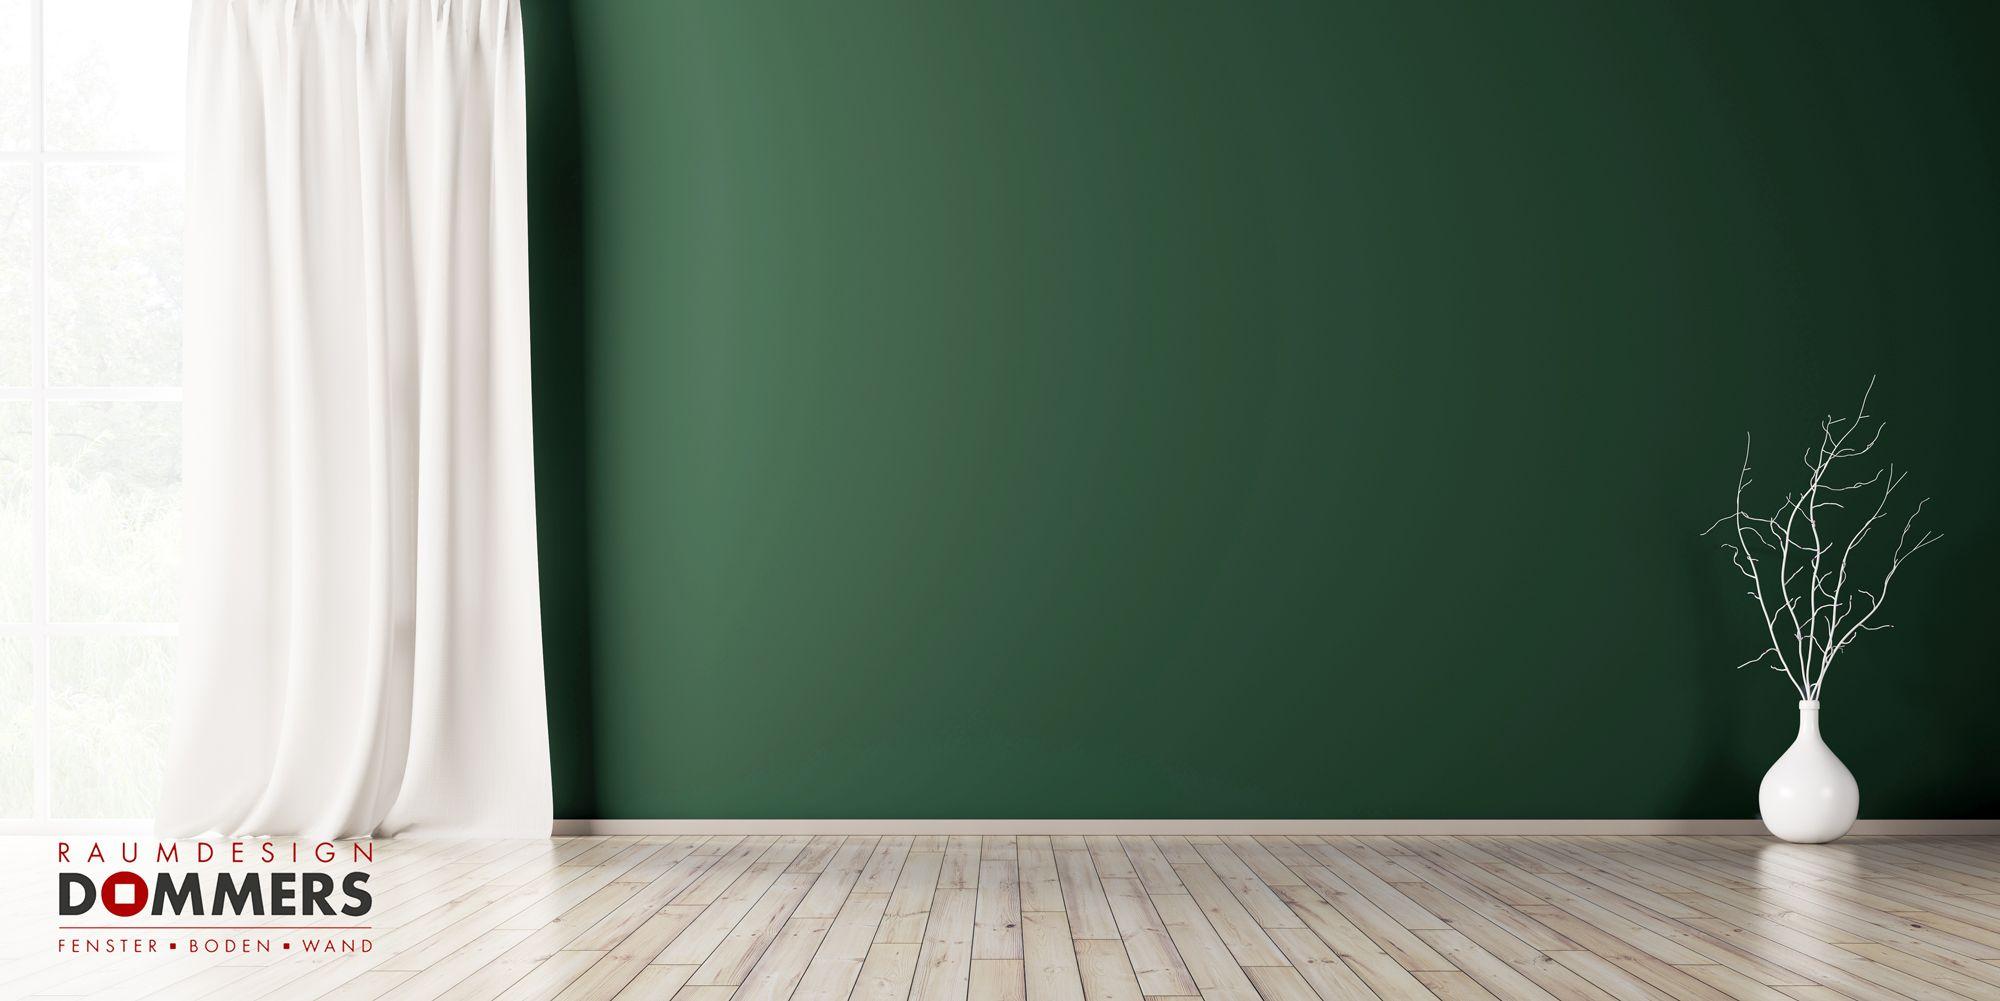 Tannengrun Fur Die Farbliche Wandgestaltung Raumdesign Dommers In Duisburg Raumdesign Haus Deko Wandgestaltung